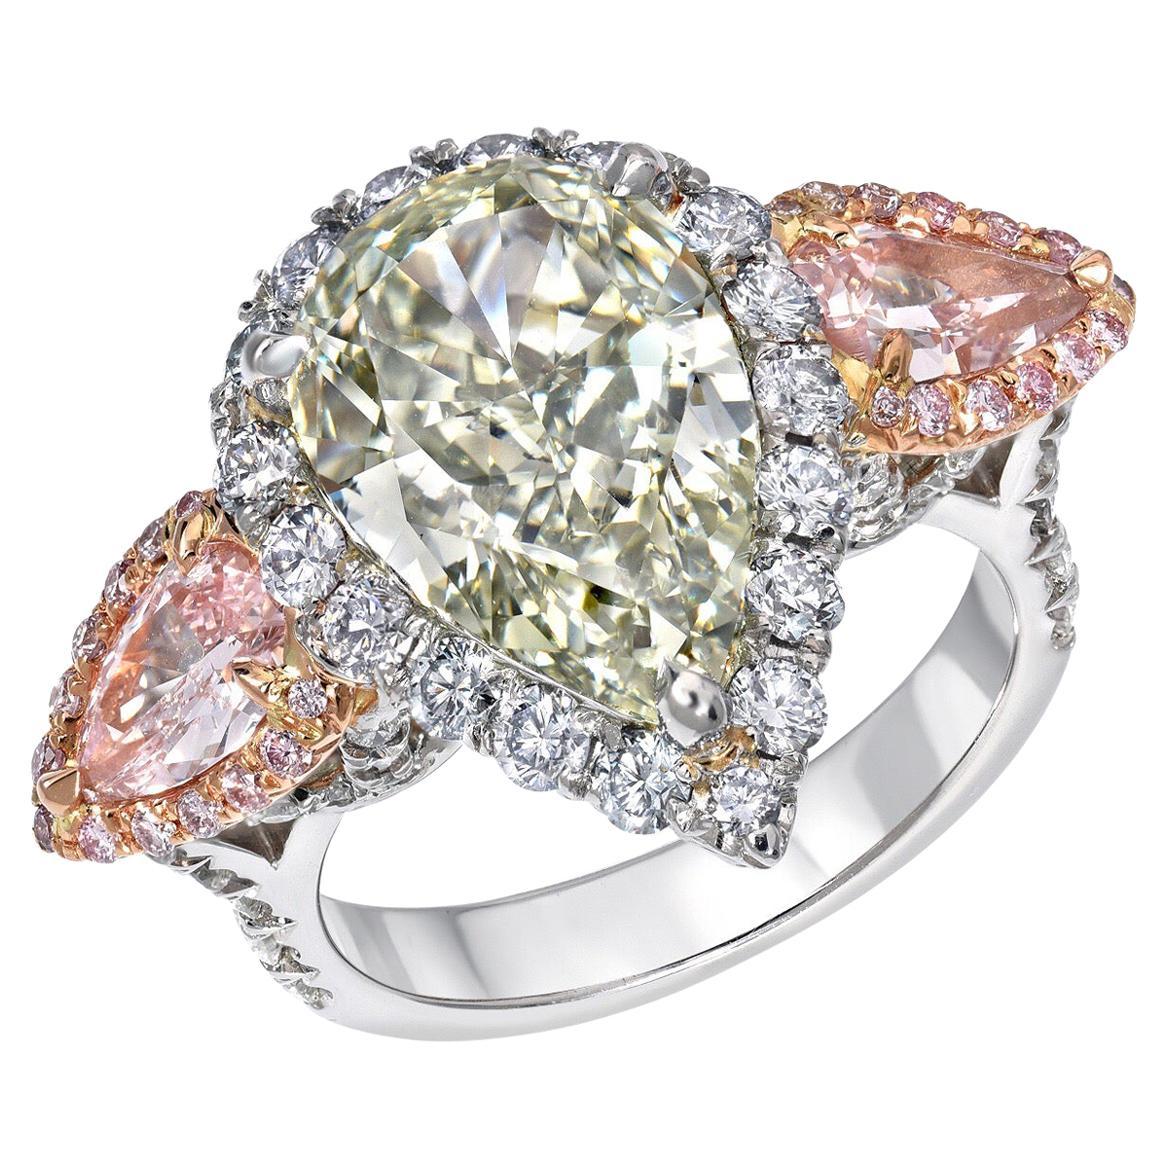 Green Blue Pink Diamond Ring 5.16 Carat GIA Certified